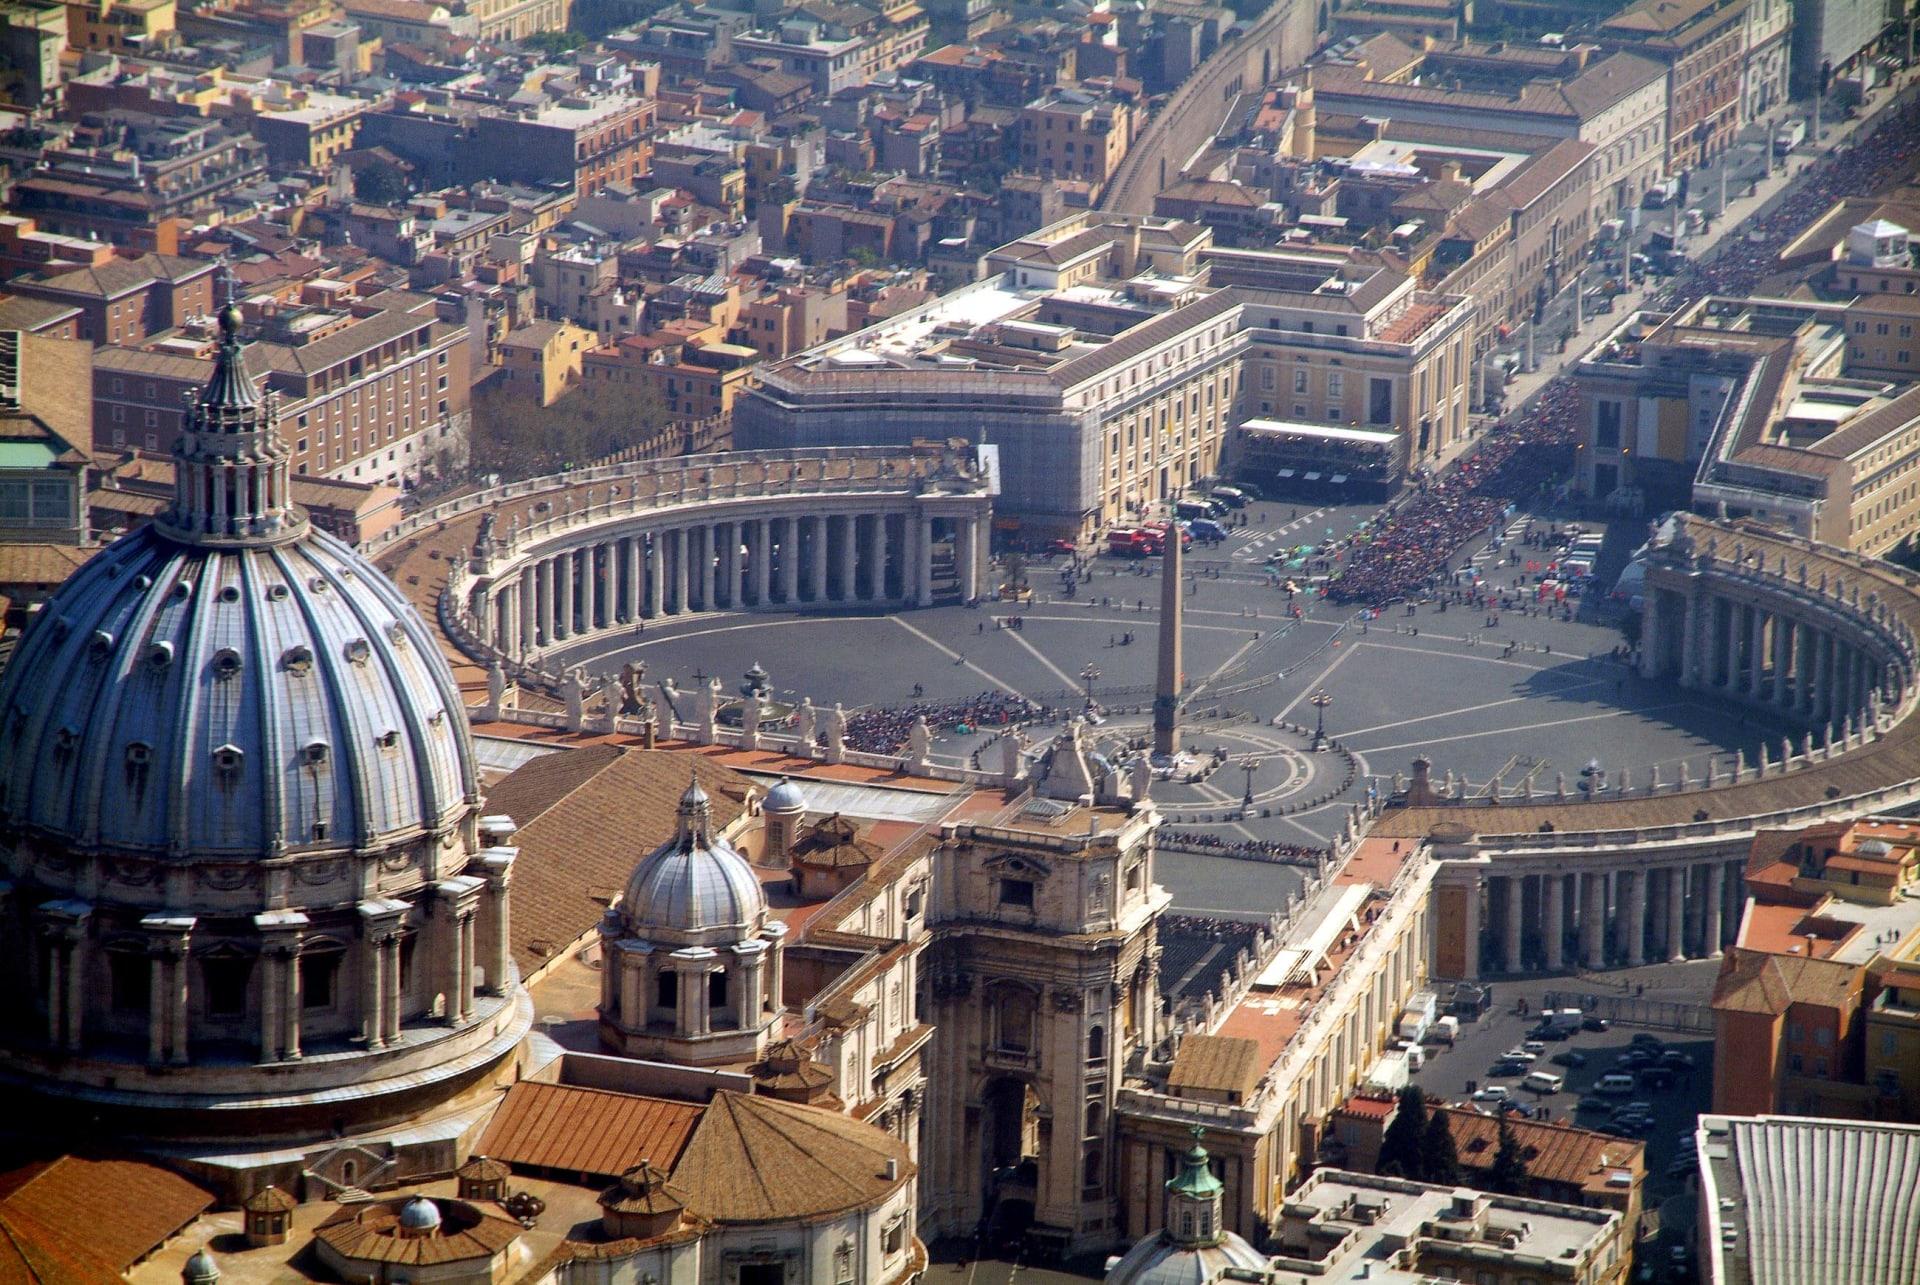 مدينة الفاتيكان - صورة أرشيفية